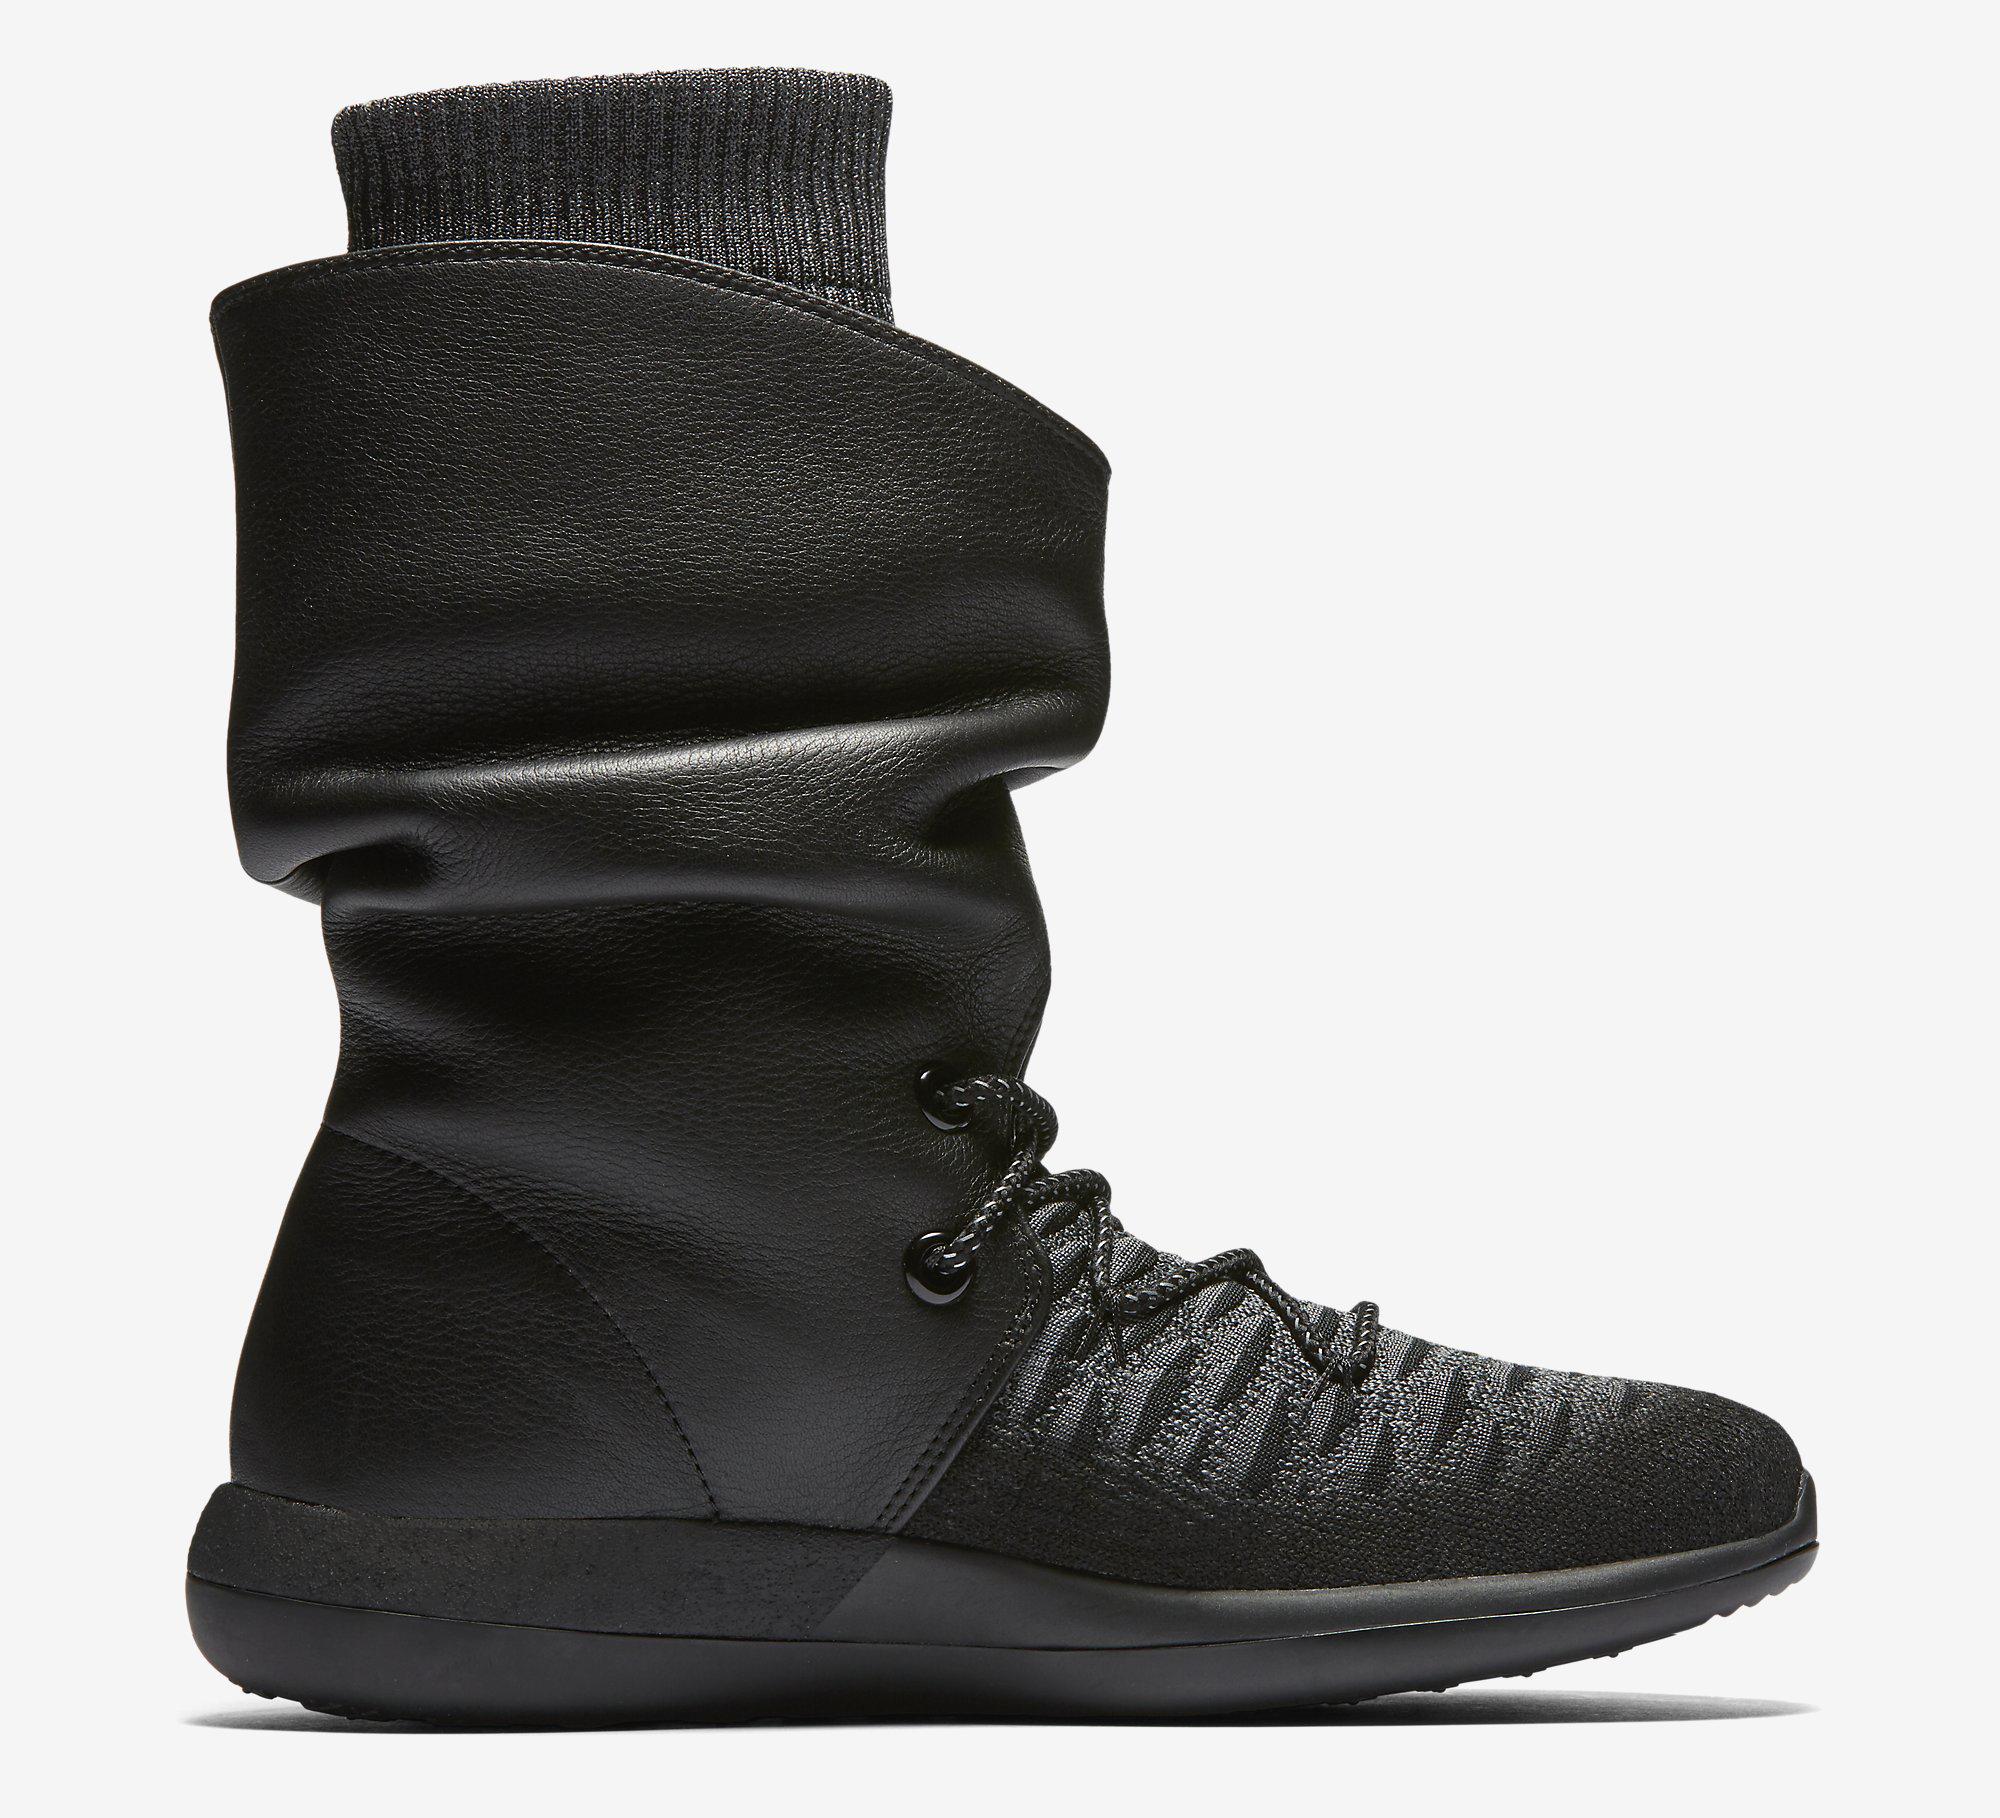 Nike Roshe 2 Hi Flyknit Womens Medial